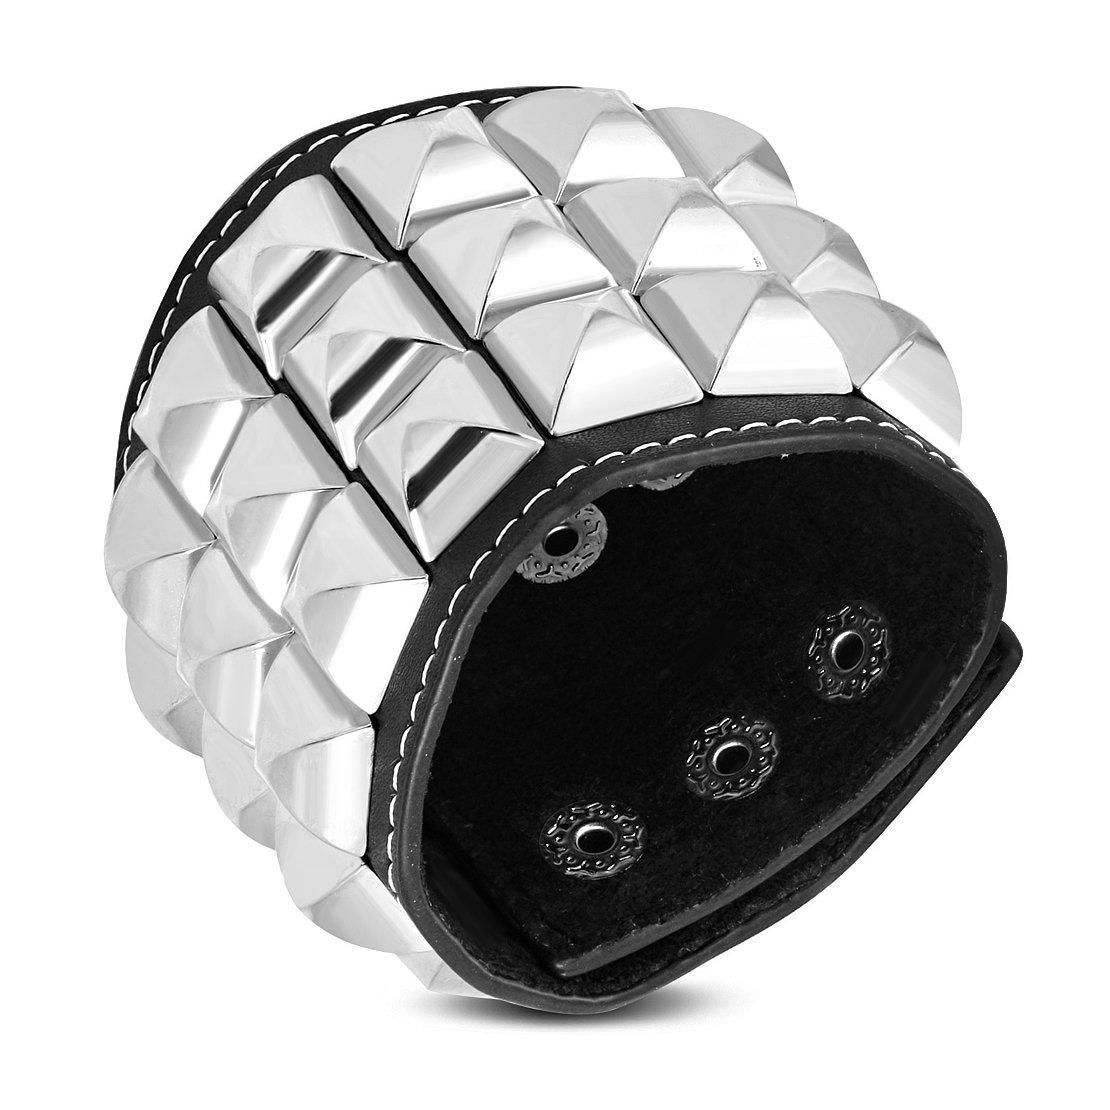 Véritable Cuir Noir Pyramide carré à tige Snap Bracelet W-60mm NRG Leather Bracelets 205-XDU447